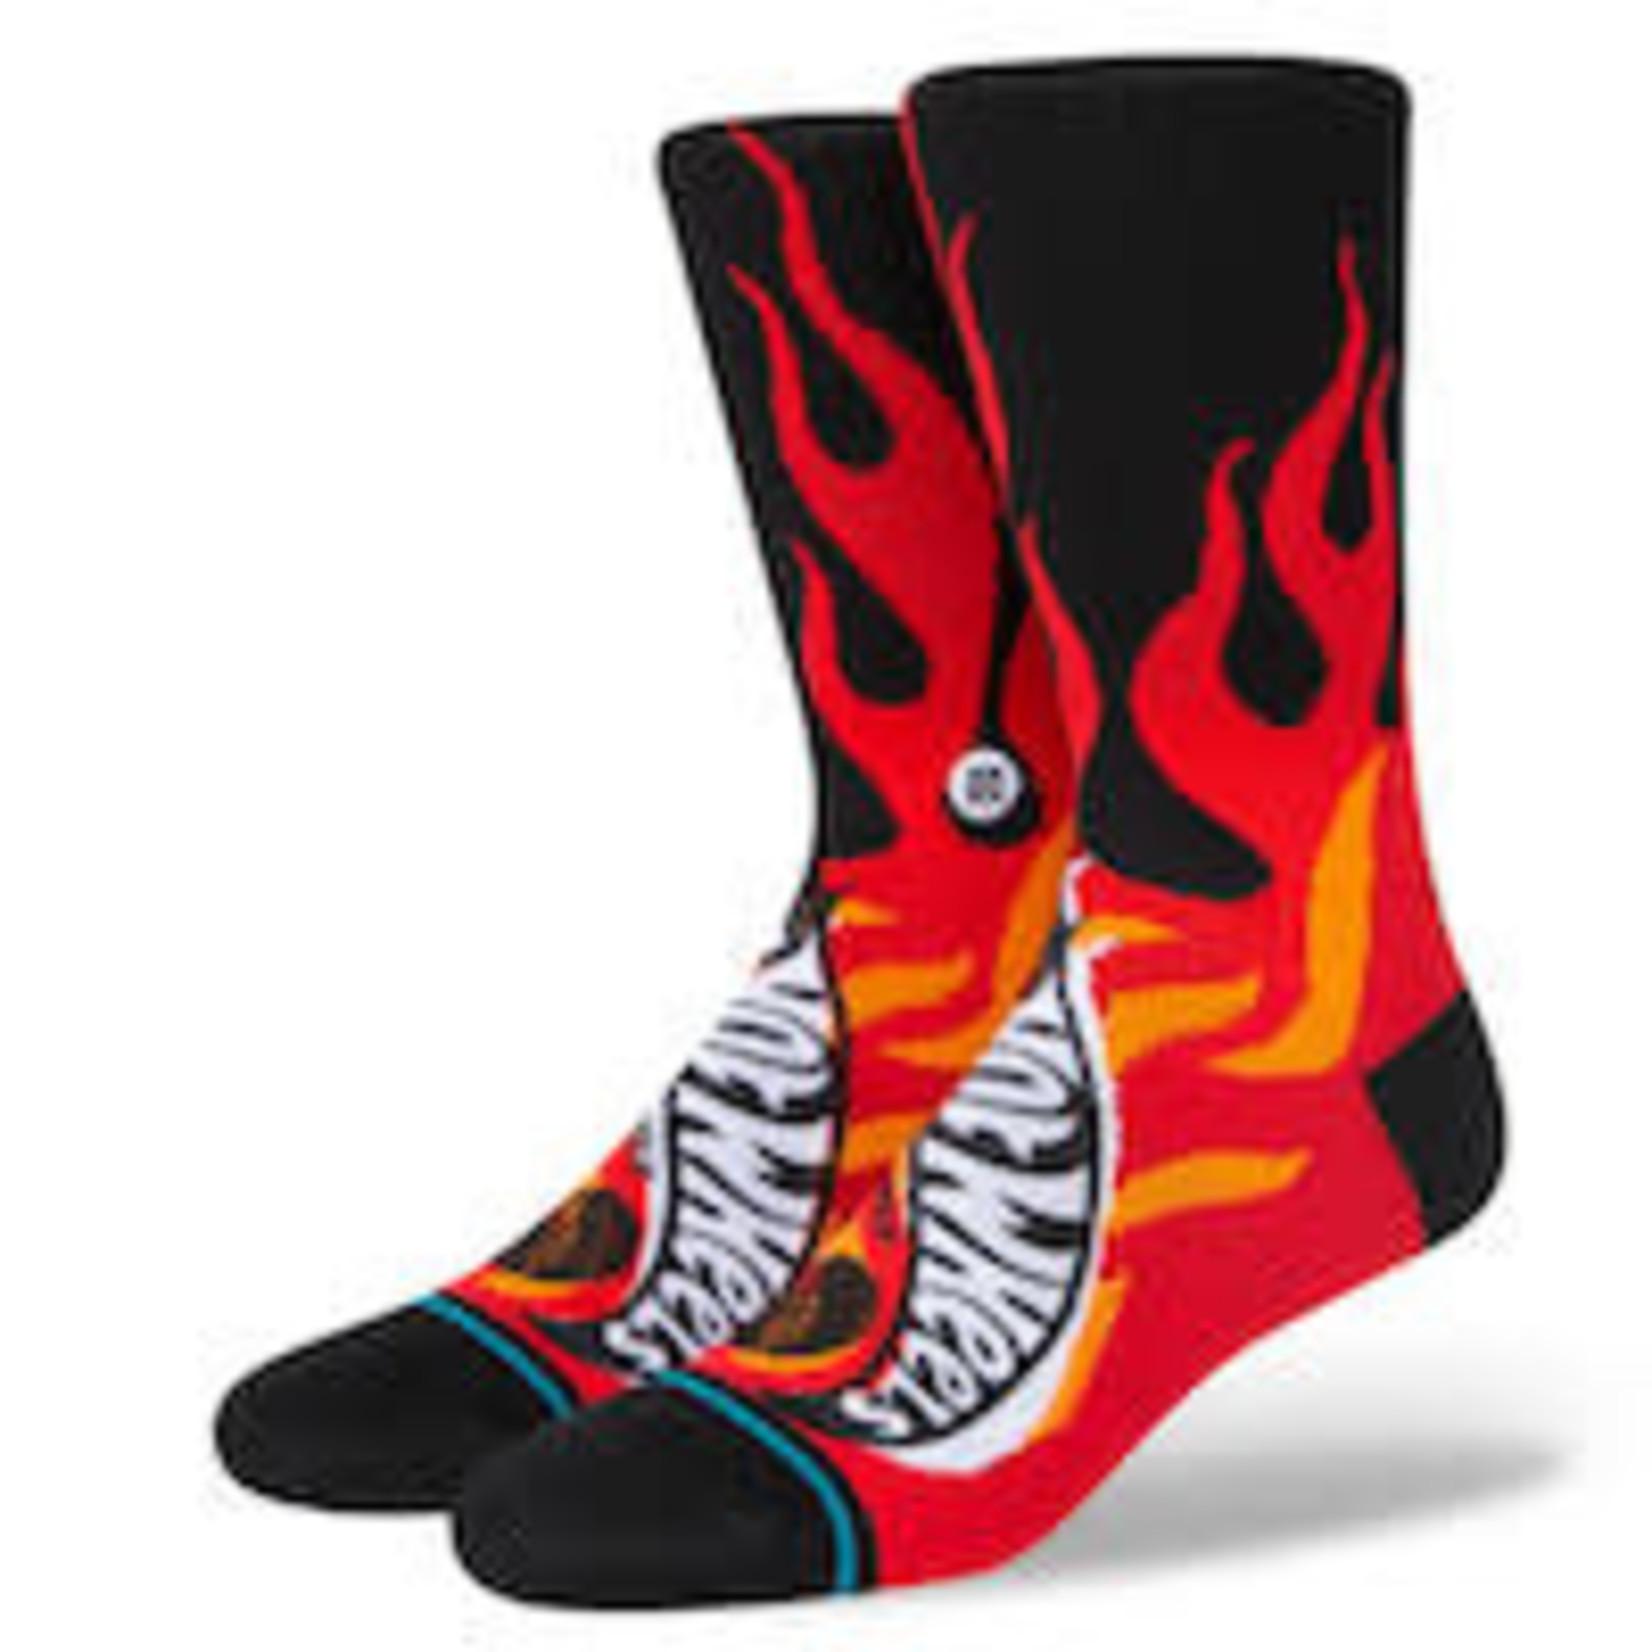 Stance Stance Socks Hot Licks L (Men 9-13 / Women 11-14)